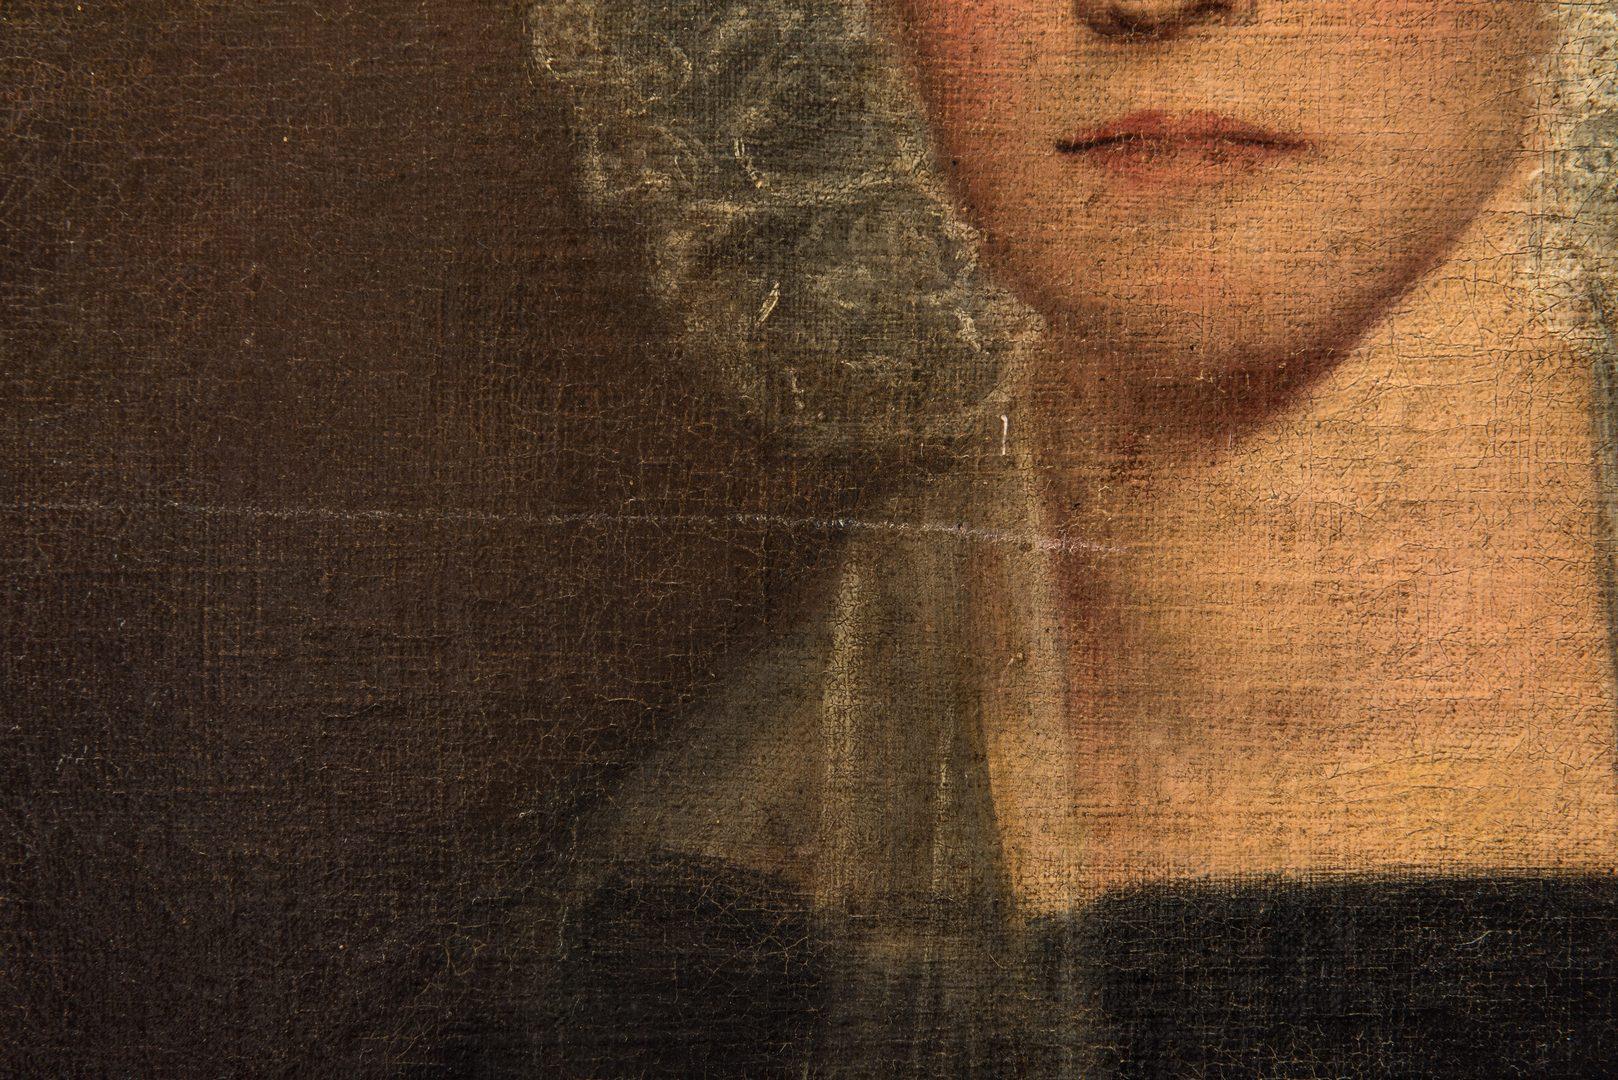 """Lot 102: 19th C. Portrait of a Woman, """"Gillespie"""""""